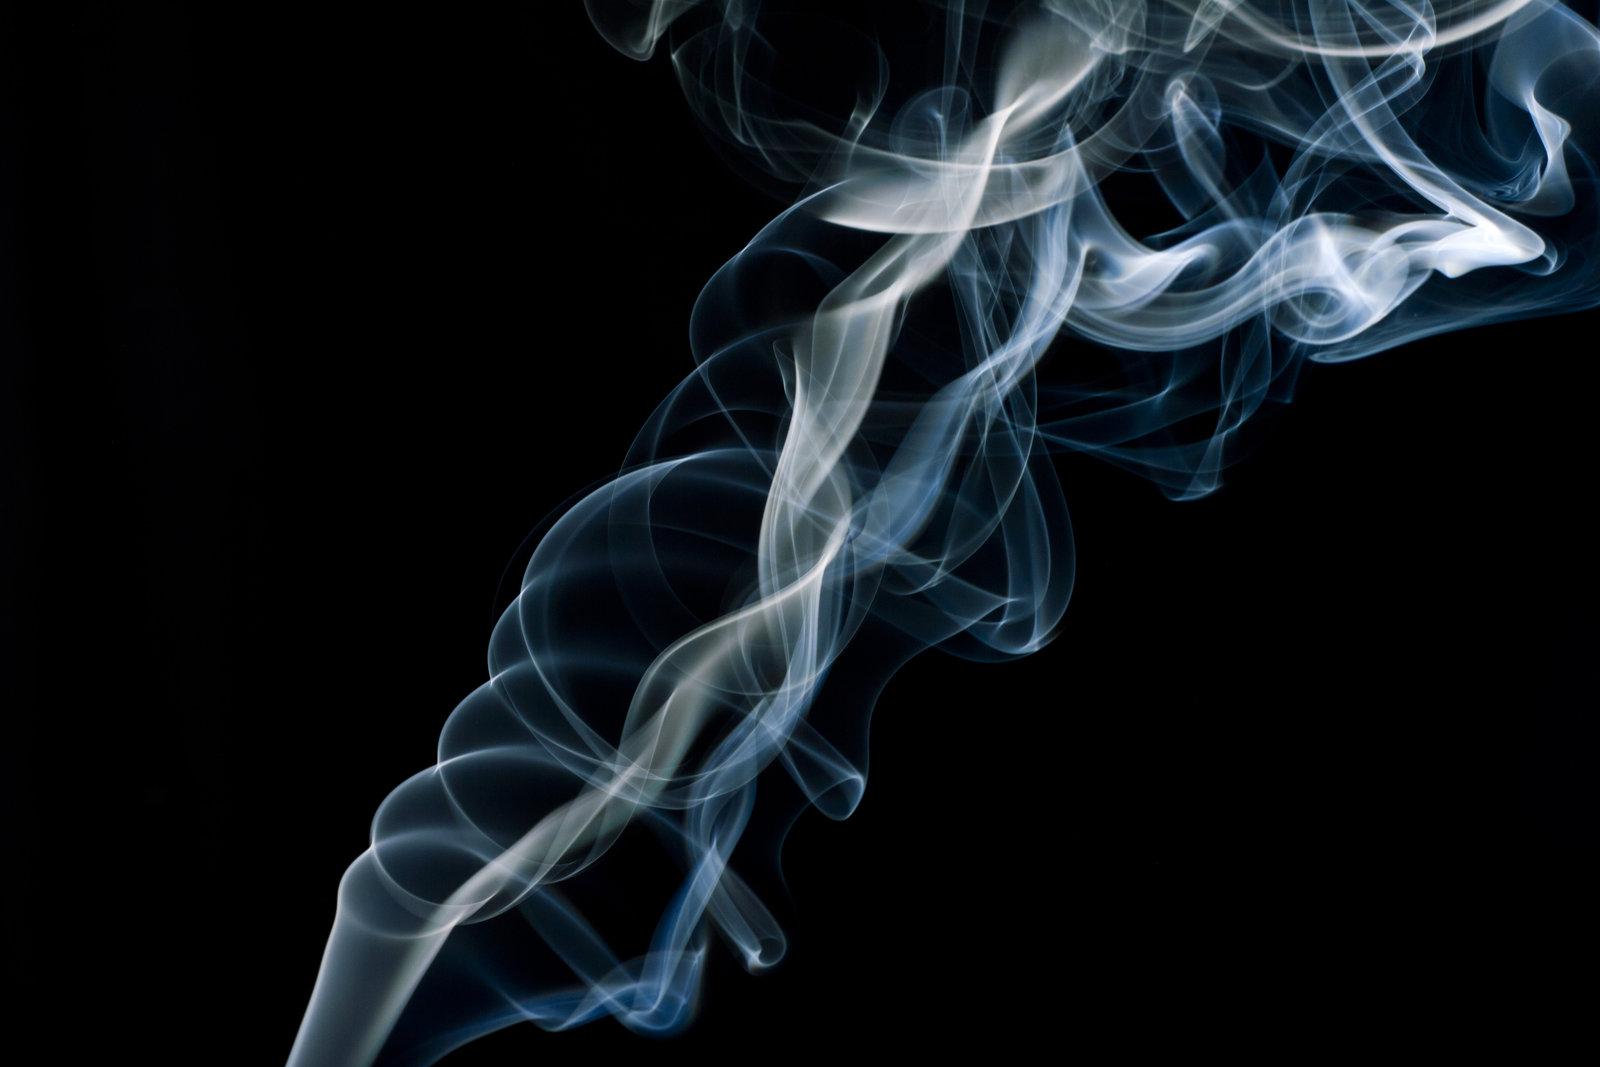 Blue Smoke Wallpaper 1440x1280px 754569 1600x1067